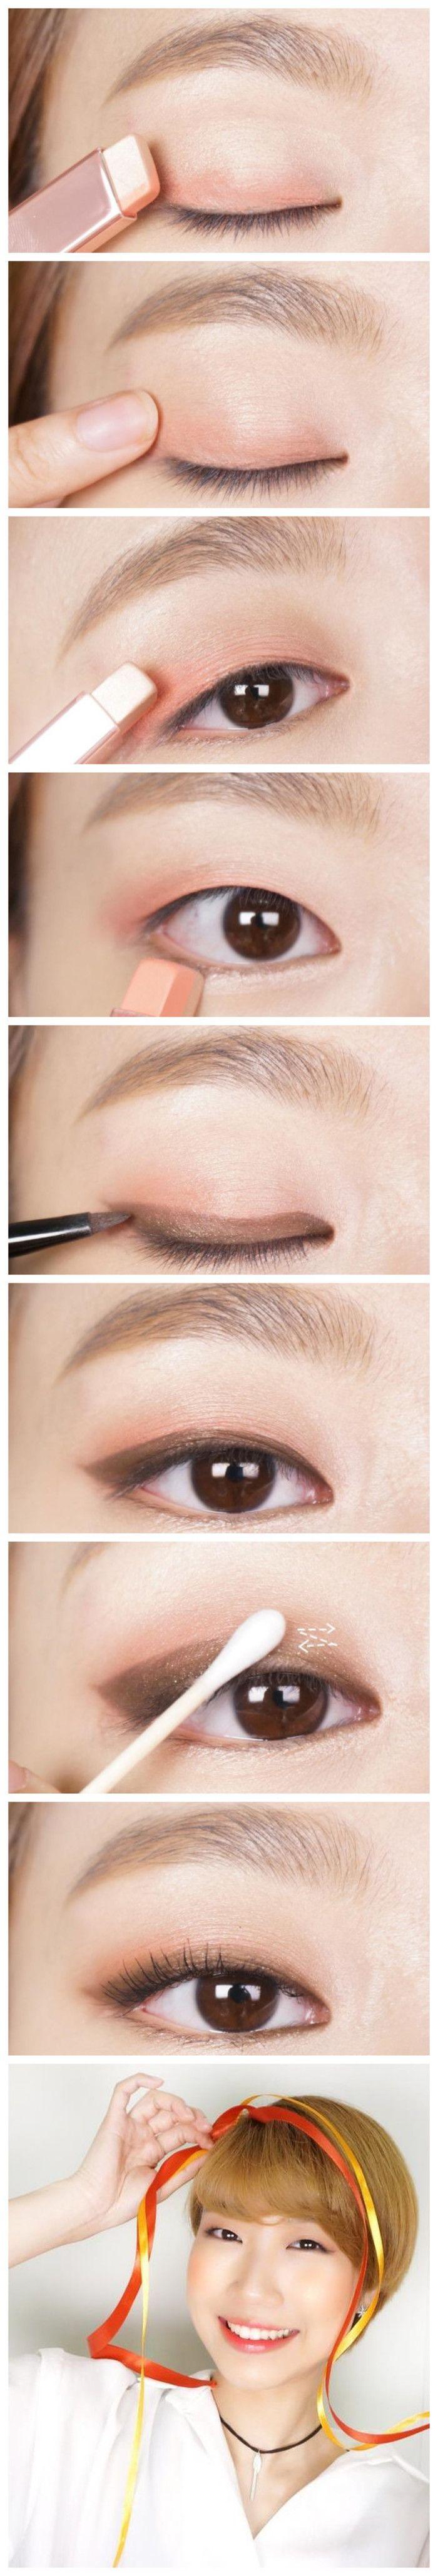 Single eyelid make up #eye make up #idea